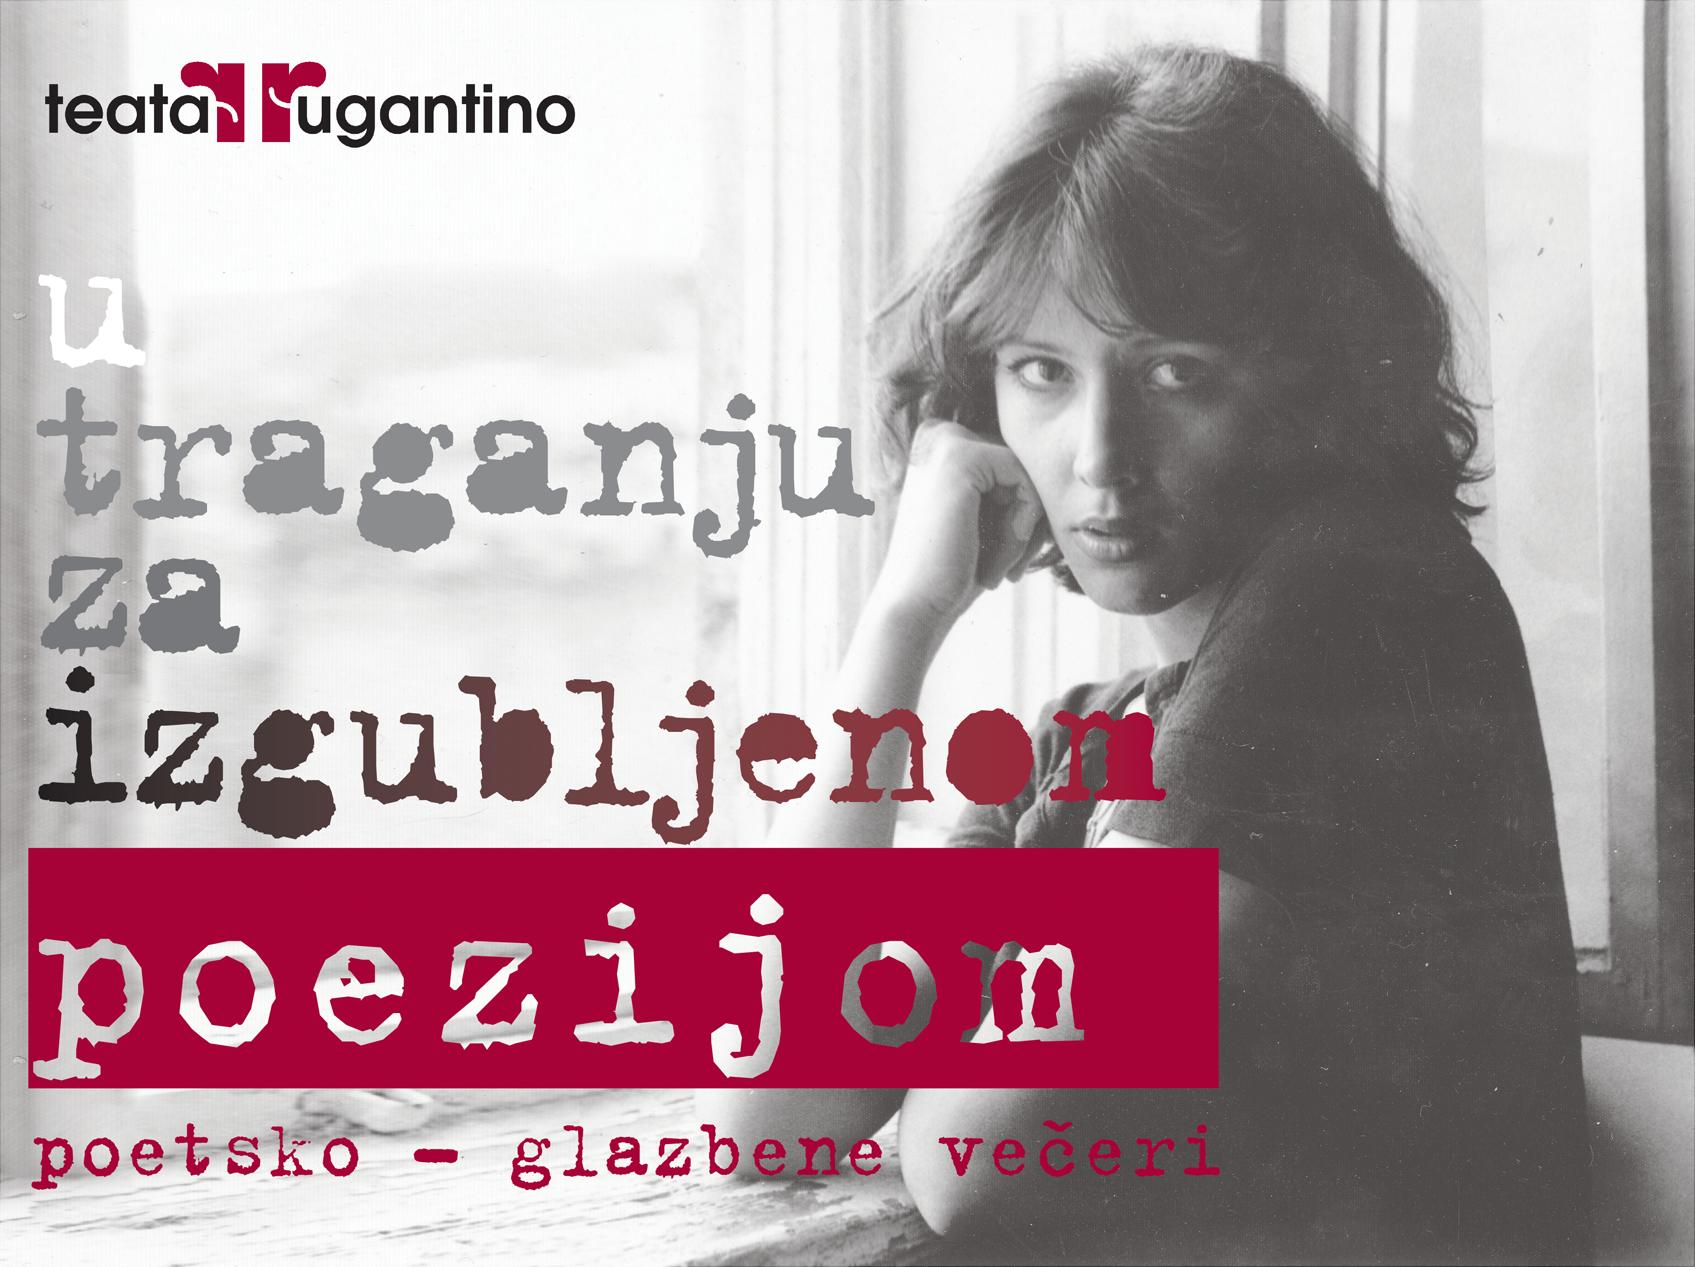 Ciklus poetsko-glazbenih večeri 'U traganju za izgubljenom poezijom' u novouređenom Teatru Rugantino